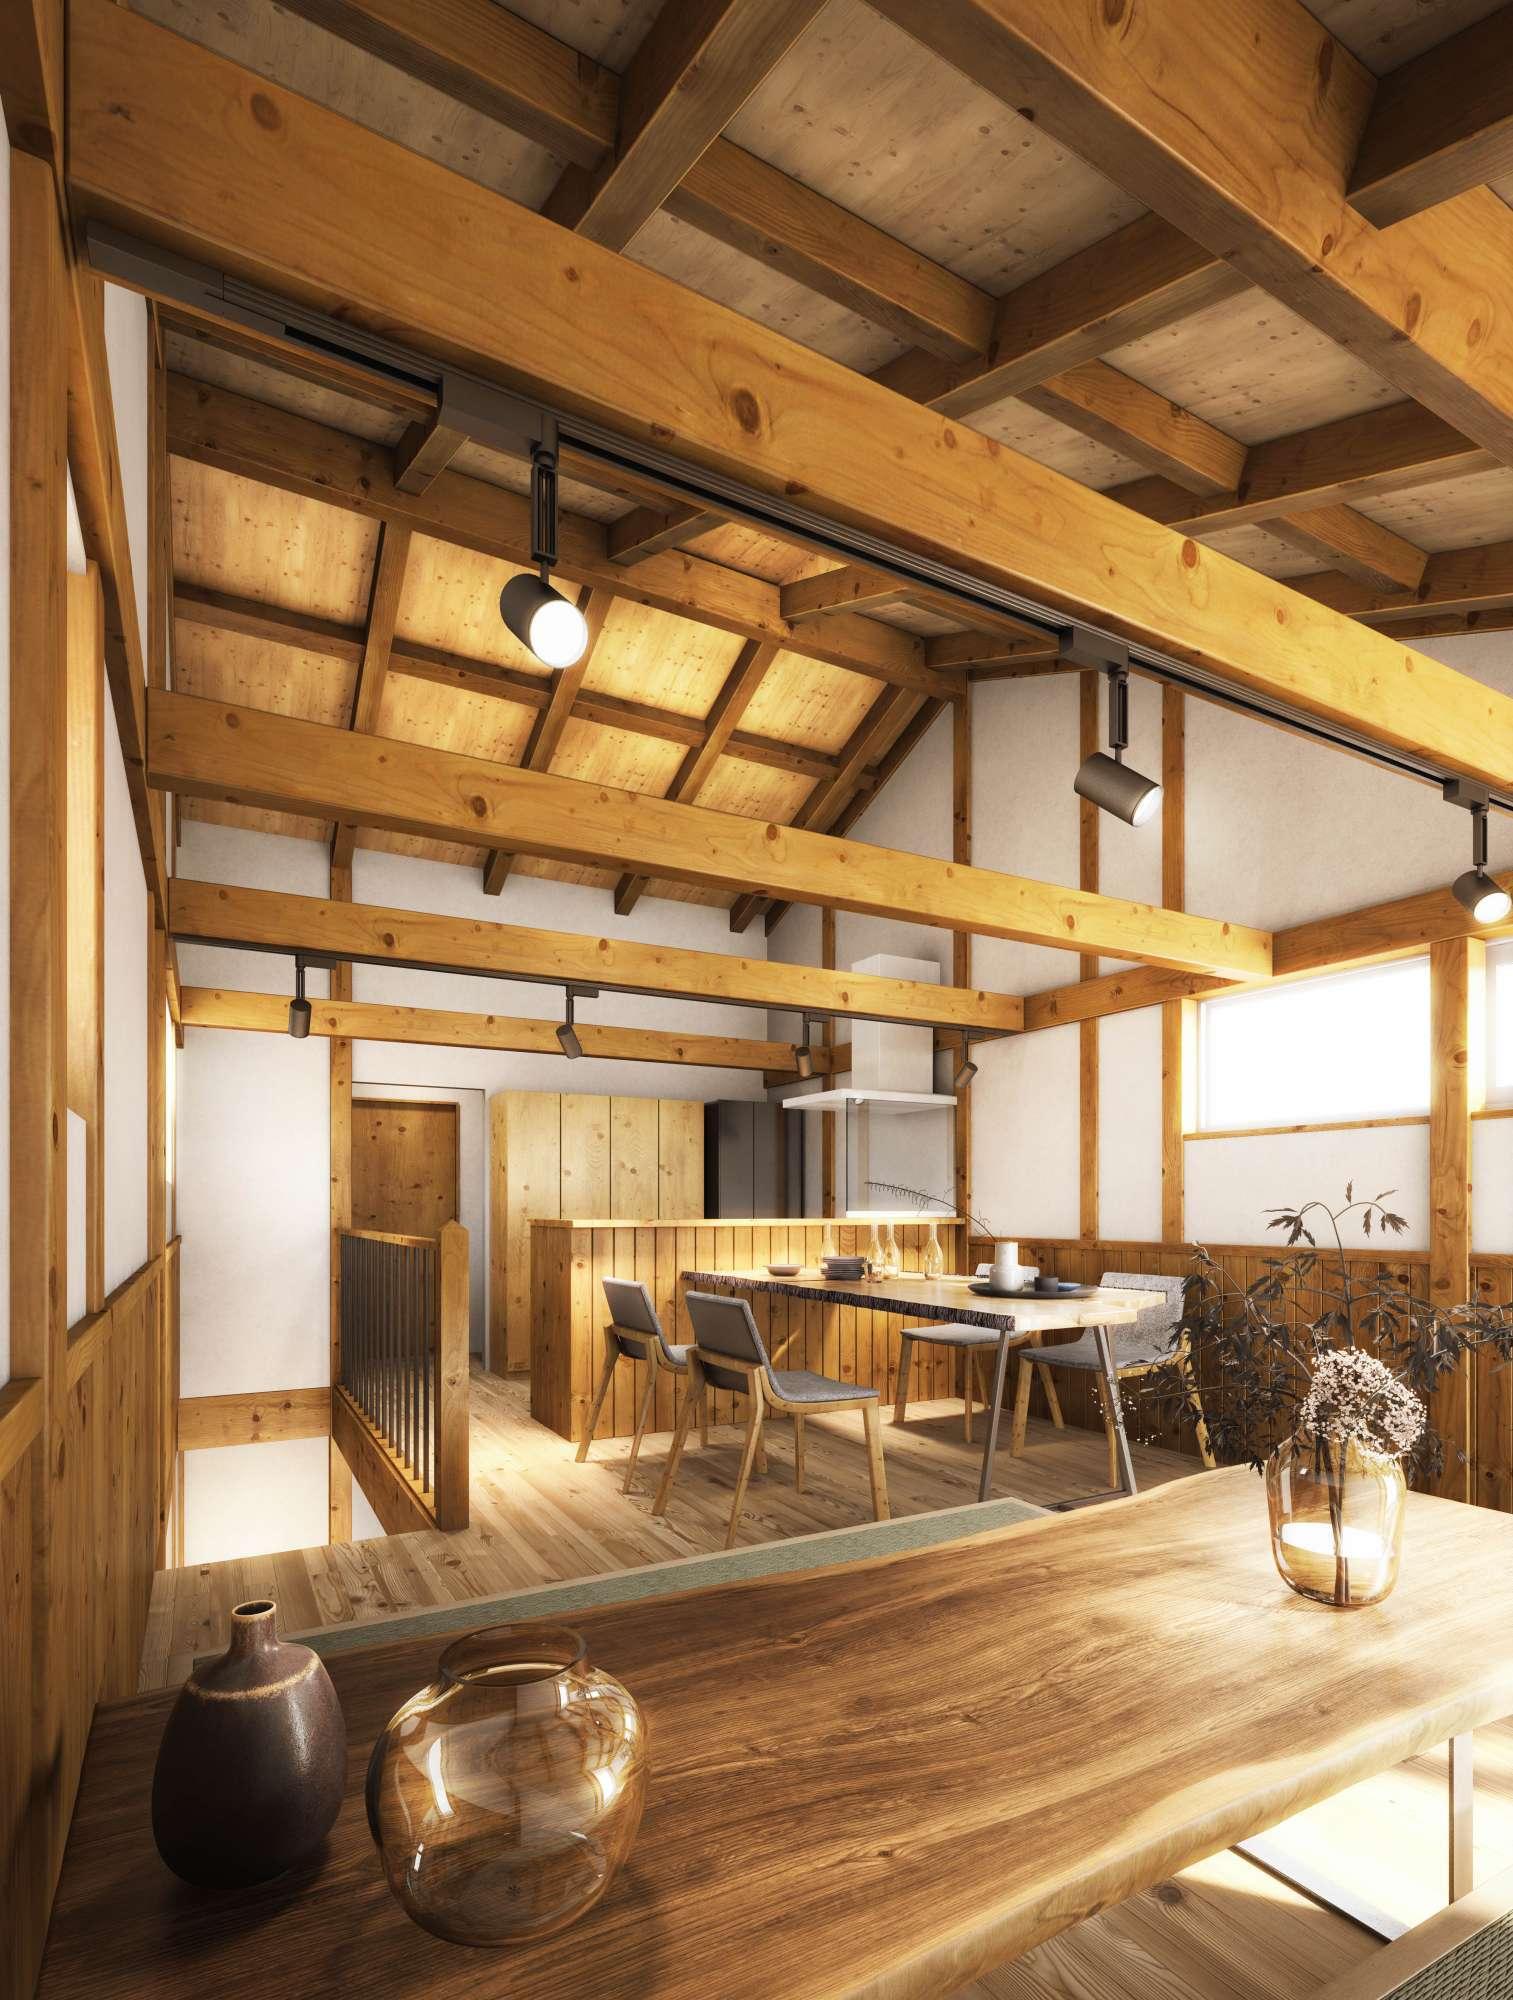 - 室内 イメージパース2階リビングで明るく、天井を高く開放的に -  -